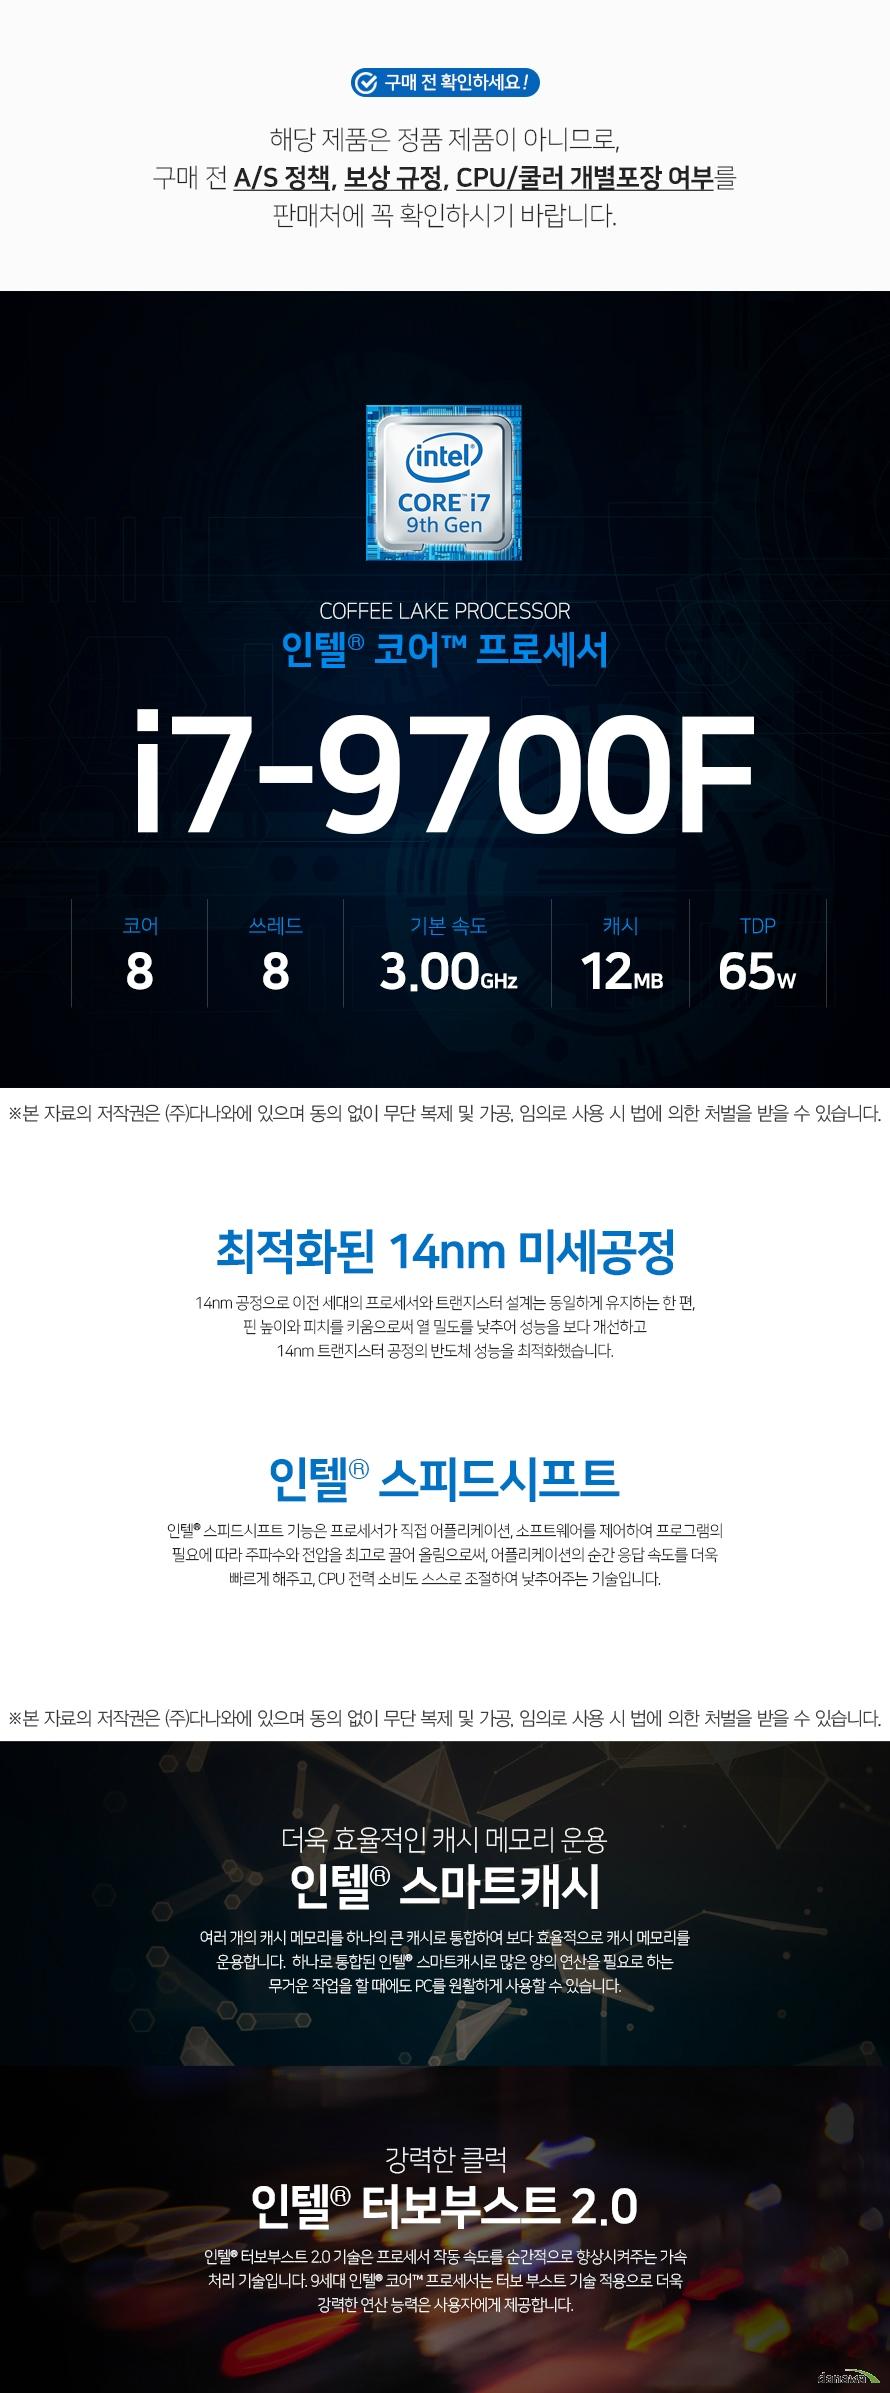 인텔 코어i7-9세대 9700F (커피레이크-R)  해당 제품은 정품 제품이 아니므로,구매 전 A/S 정책, 보상 규정, CPU/쿨러 개별포장 여부를 판매처에 꼭 확인하시기 바랍니다.    최적화된 14nm 미세공정 14nm 공정으로 이전 세대의 프로세서와 트랜지스터 설계는 동일하게 유지하는 한 편,  핀 높이와 피치를 키움으로써 열 밀도를 낮추어 성능을 보다 개선하고  14nm 트랜지스터 공정의 반도체 성능을 최적화했습니다.    인텔® 스피드시프트 인텔® 스피드시프트 기능은 프로세서가 직접 어플리케이션, 소프트웨어를 제어하여 프로그램의 필요에 따라 주파수와 전압을 최고로 끌어 올림으로써, 어플리케이션의 순간 응답 속도를 더욱 빠르게 해주고, CPU 전력 소비도 스스로 조절하여 낮추어주는 기술입니다.  더욱 효율적인 캐시 메모리 운용 인텔 스마트캐시  여러 개의 캐시 메모리를 하나의 큰 캐시로 통합하여 보다 효률적으로 캐시 메모리를 운용합니다.  하나로 통합된 인텔 스마트캐시로 많은 양의 연산을 필요로 하는 무거운 작업을 할 때에도 PC를 원활하게 사용할 수 있습니다  강력한 클럭 인텔® 터보부스트 2.0 인텔® 터보부스트 2.0 기술은 프로세서 작동 속도를 순간적으로 향상시켜주는 가속 처리 기술입니다. 9세대 인텔® 코어™ 프로세서는 터보 부스트 기술 적용으로 더욱 강력한 연산 능력은 사용자에게 제공합니다.